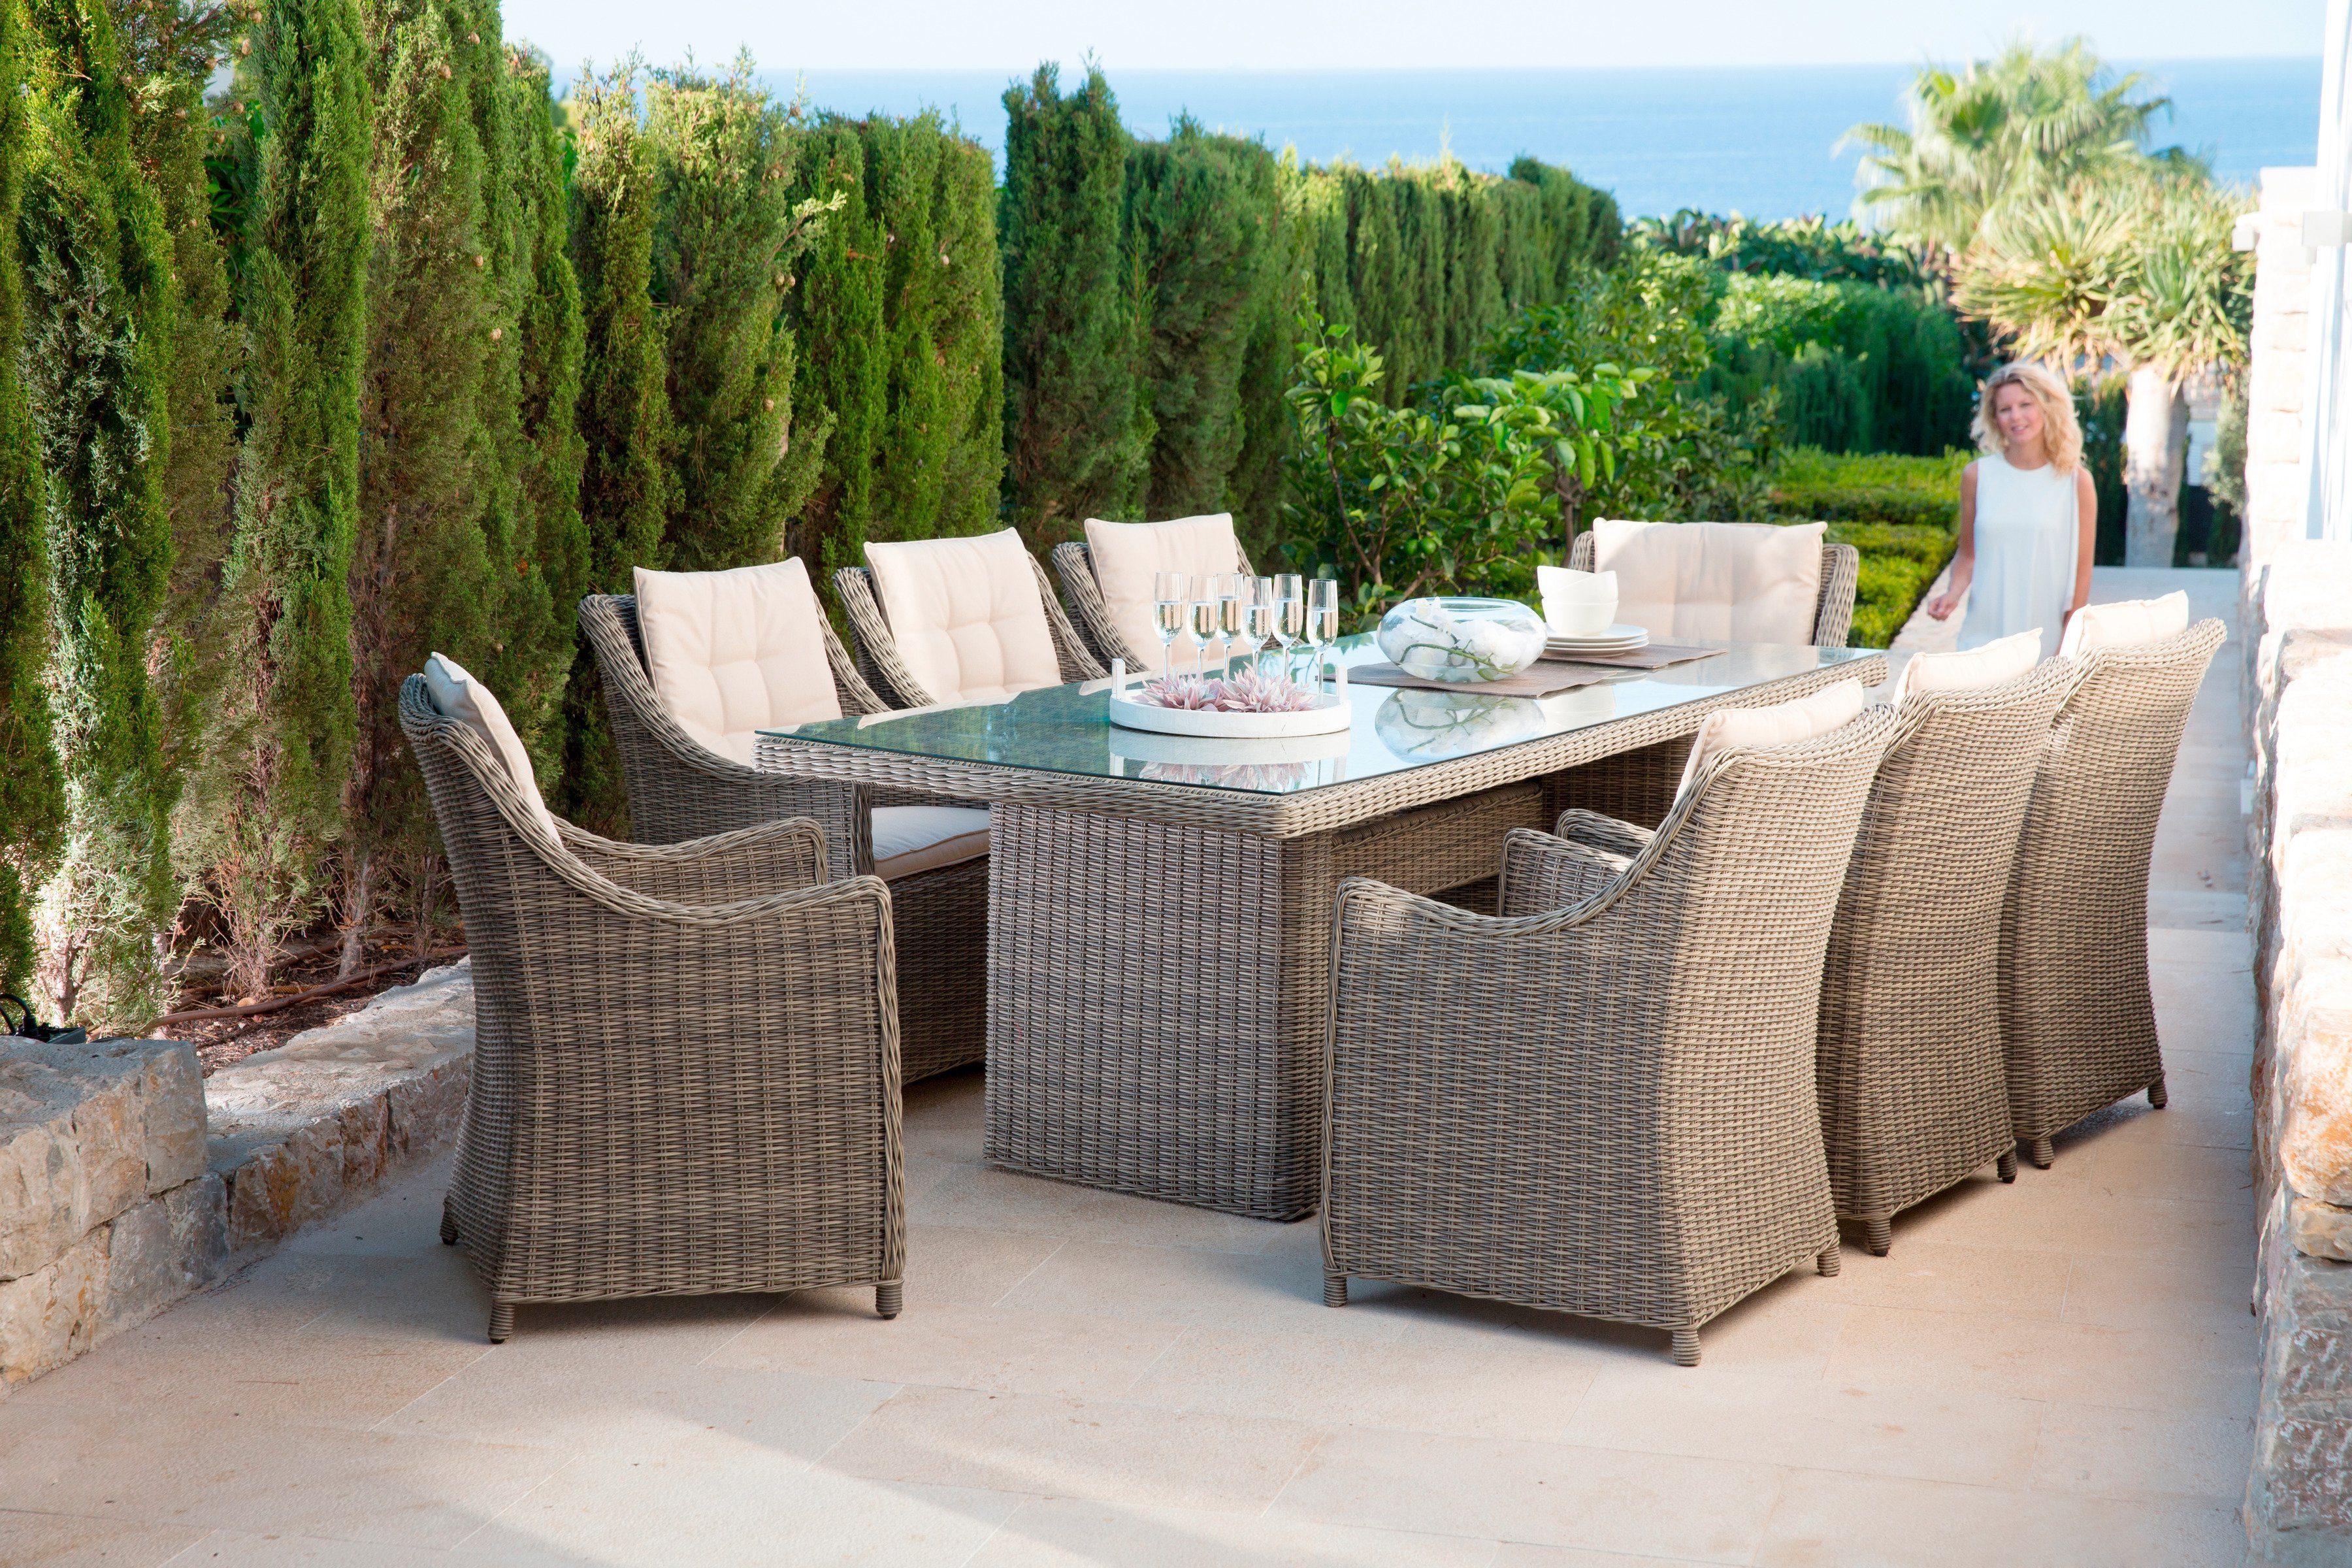 GARTENGUT Gartenmöbelset »Rio«, 25-tgl., 8 Sessel, Tisch 230x100 cm, Polyrattan, natur